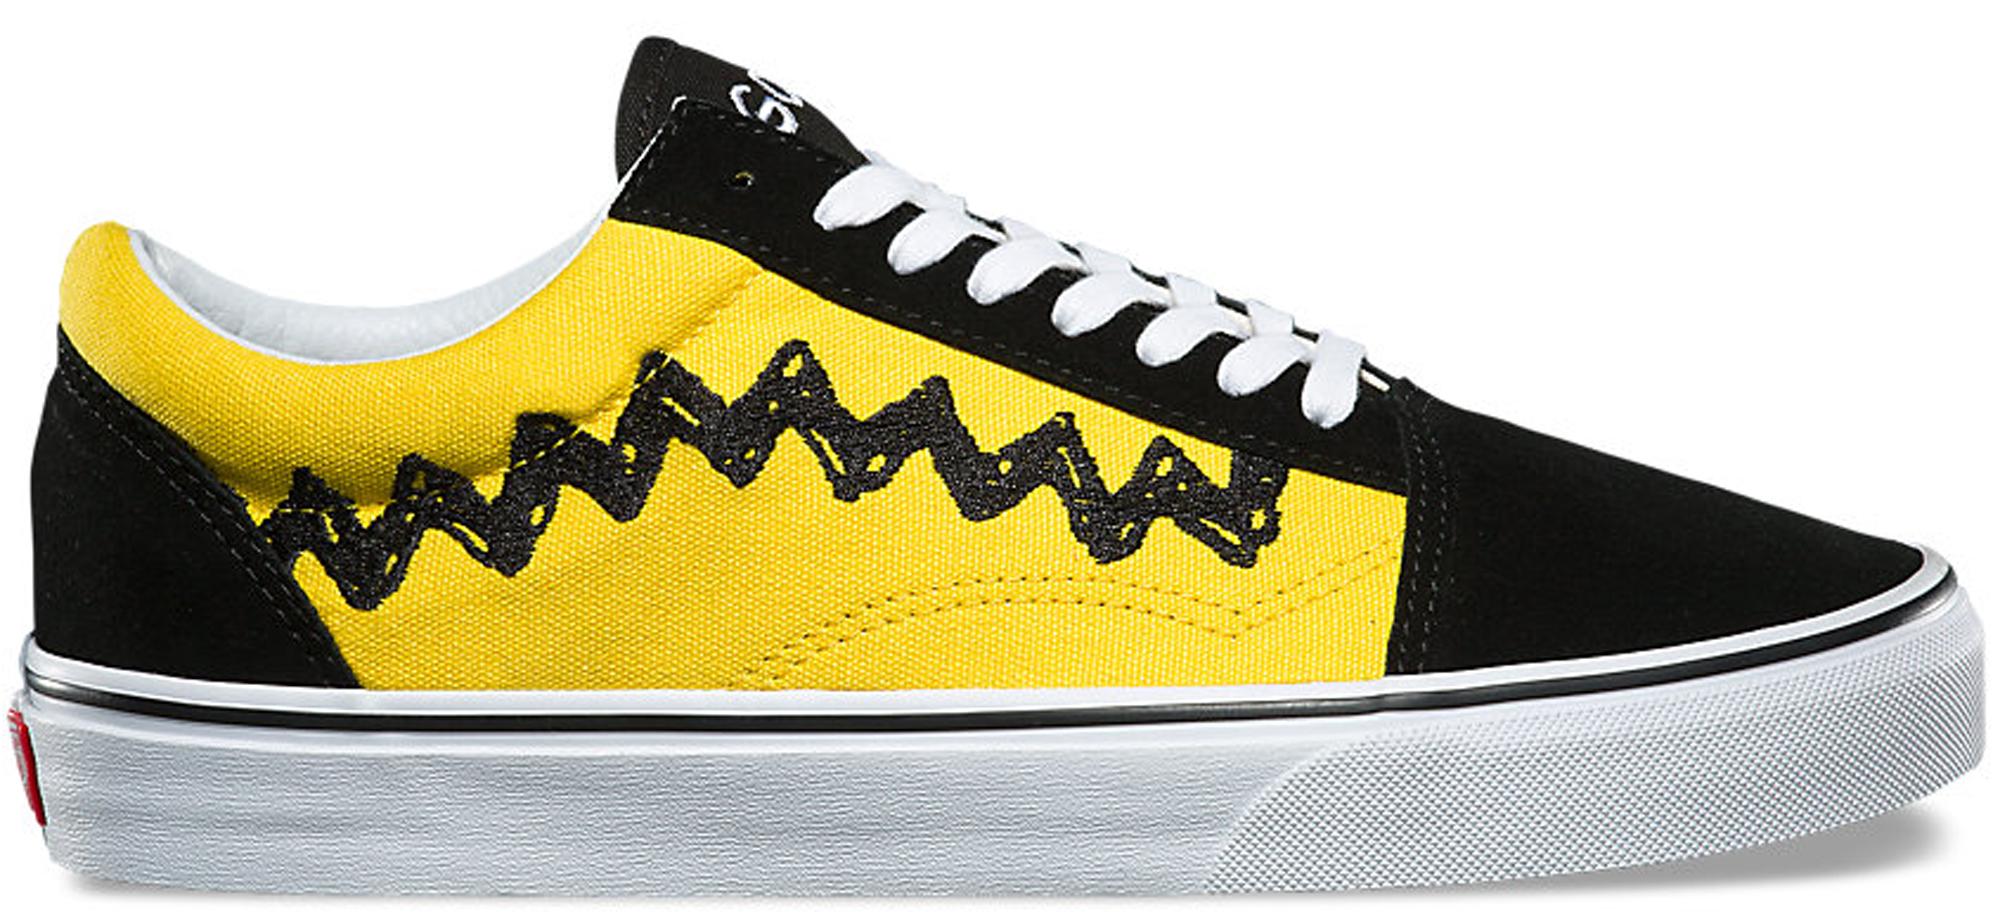 Vans Old Skool Peanuts Charlie Brown in 2020 | Vans old